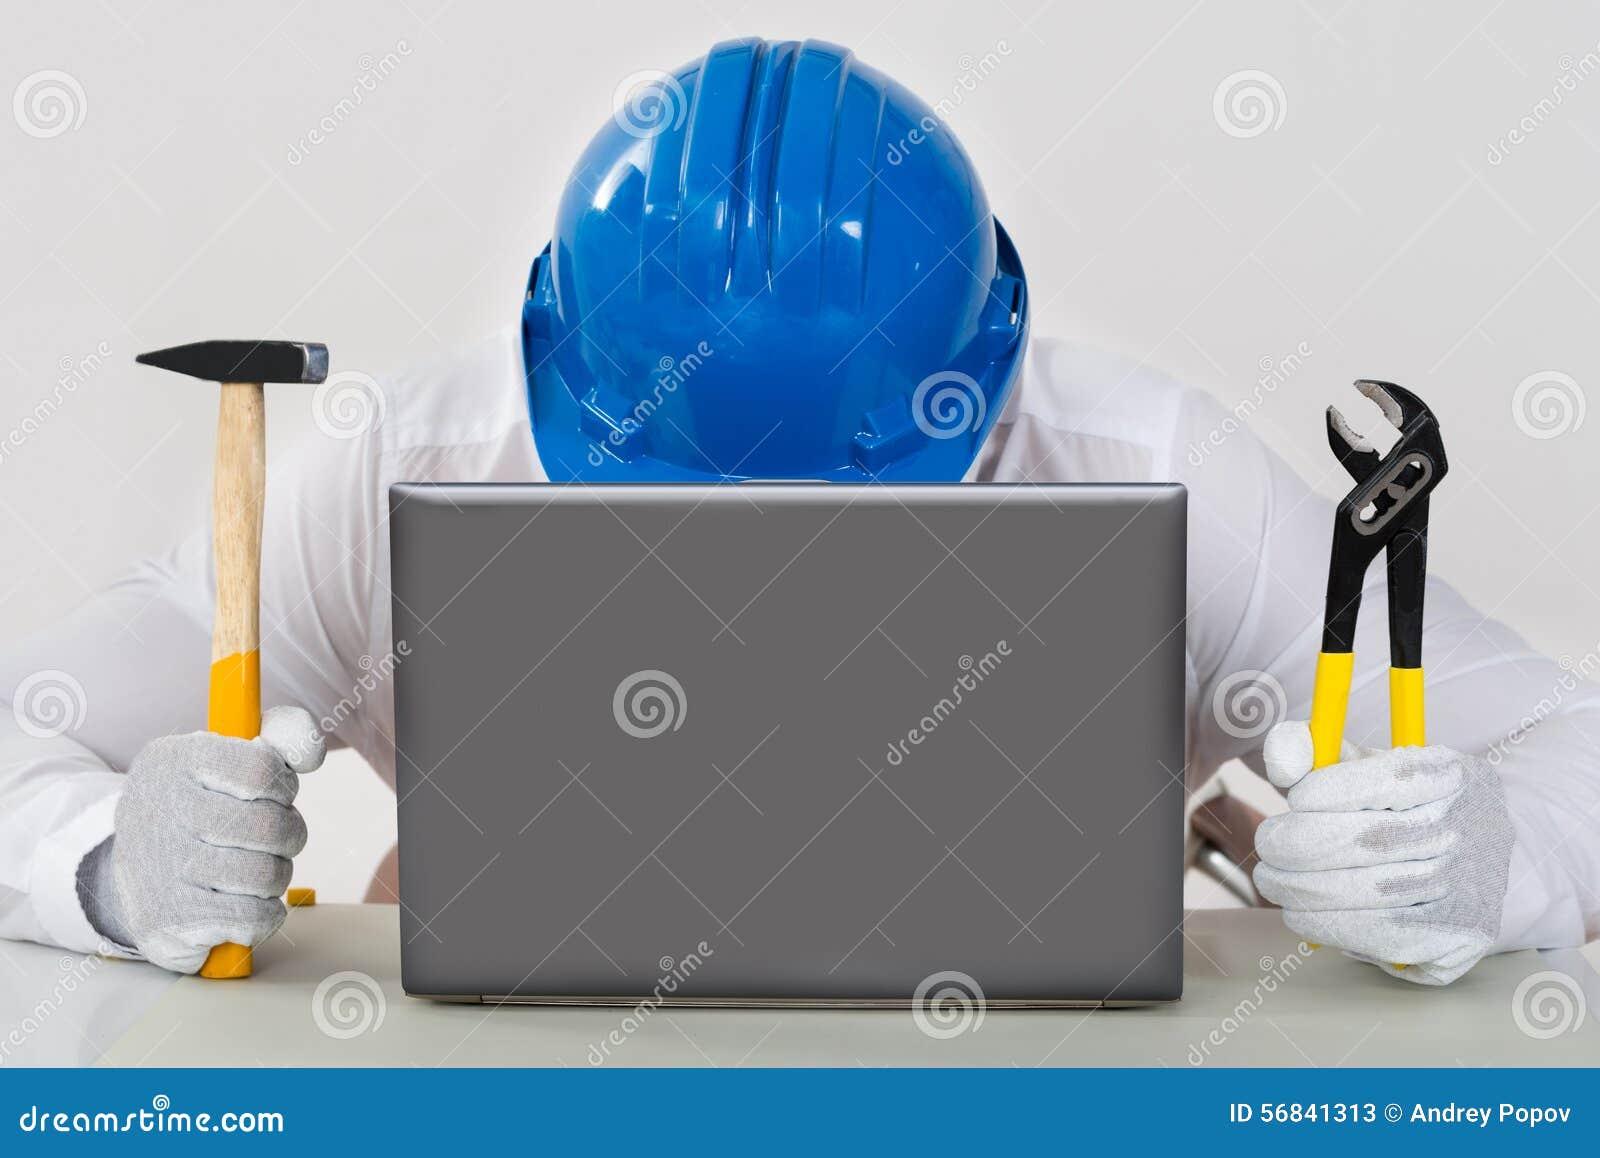 Alicate de Holding Hammer And do técnico com portátil